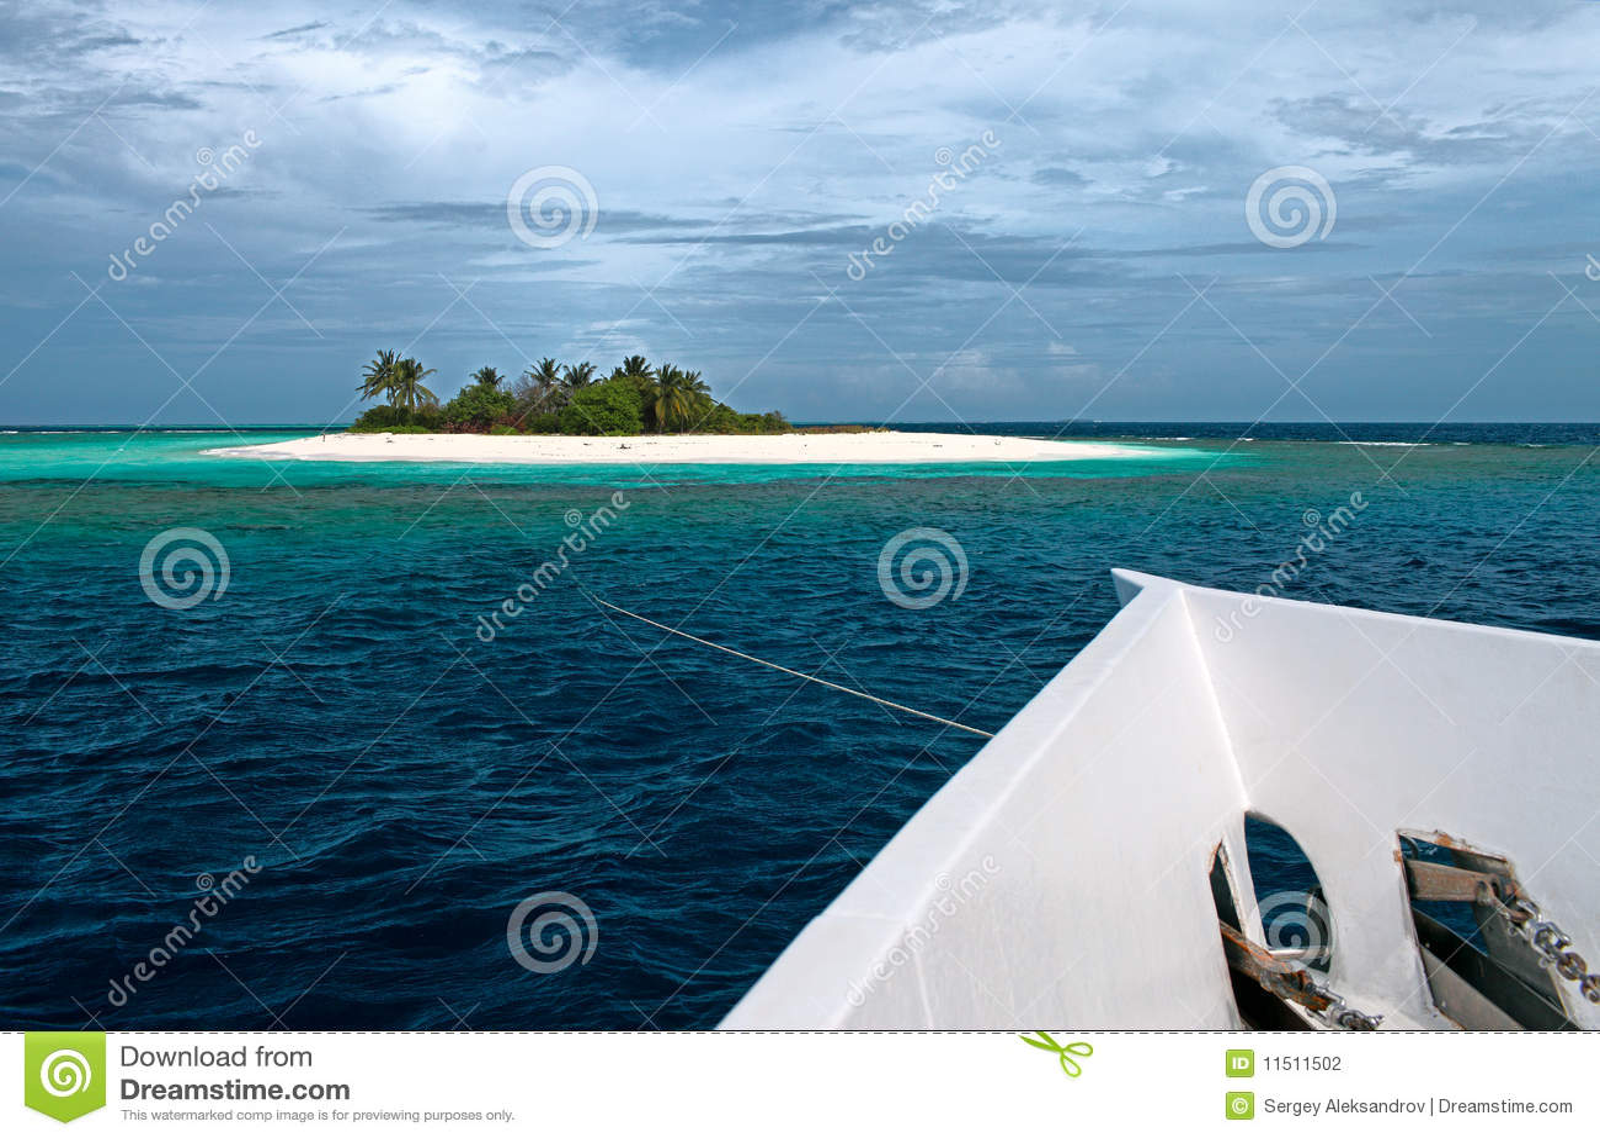 Isla y yate deshabitados